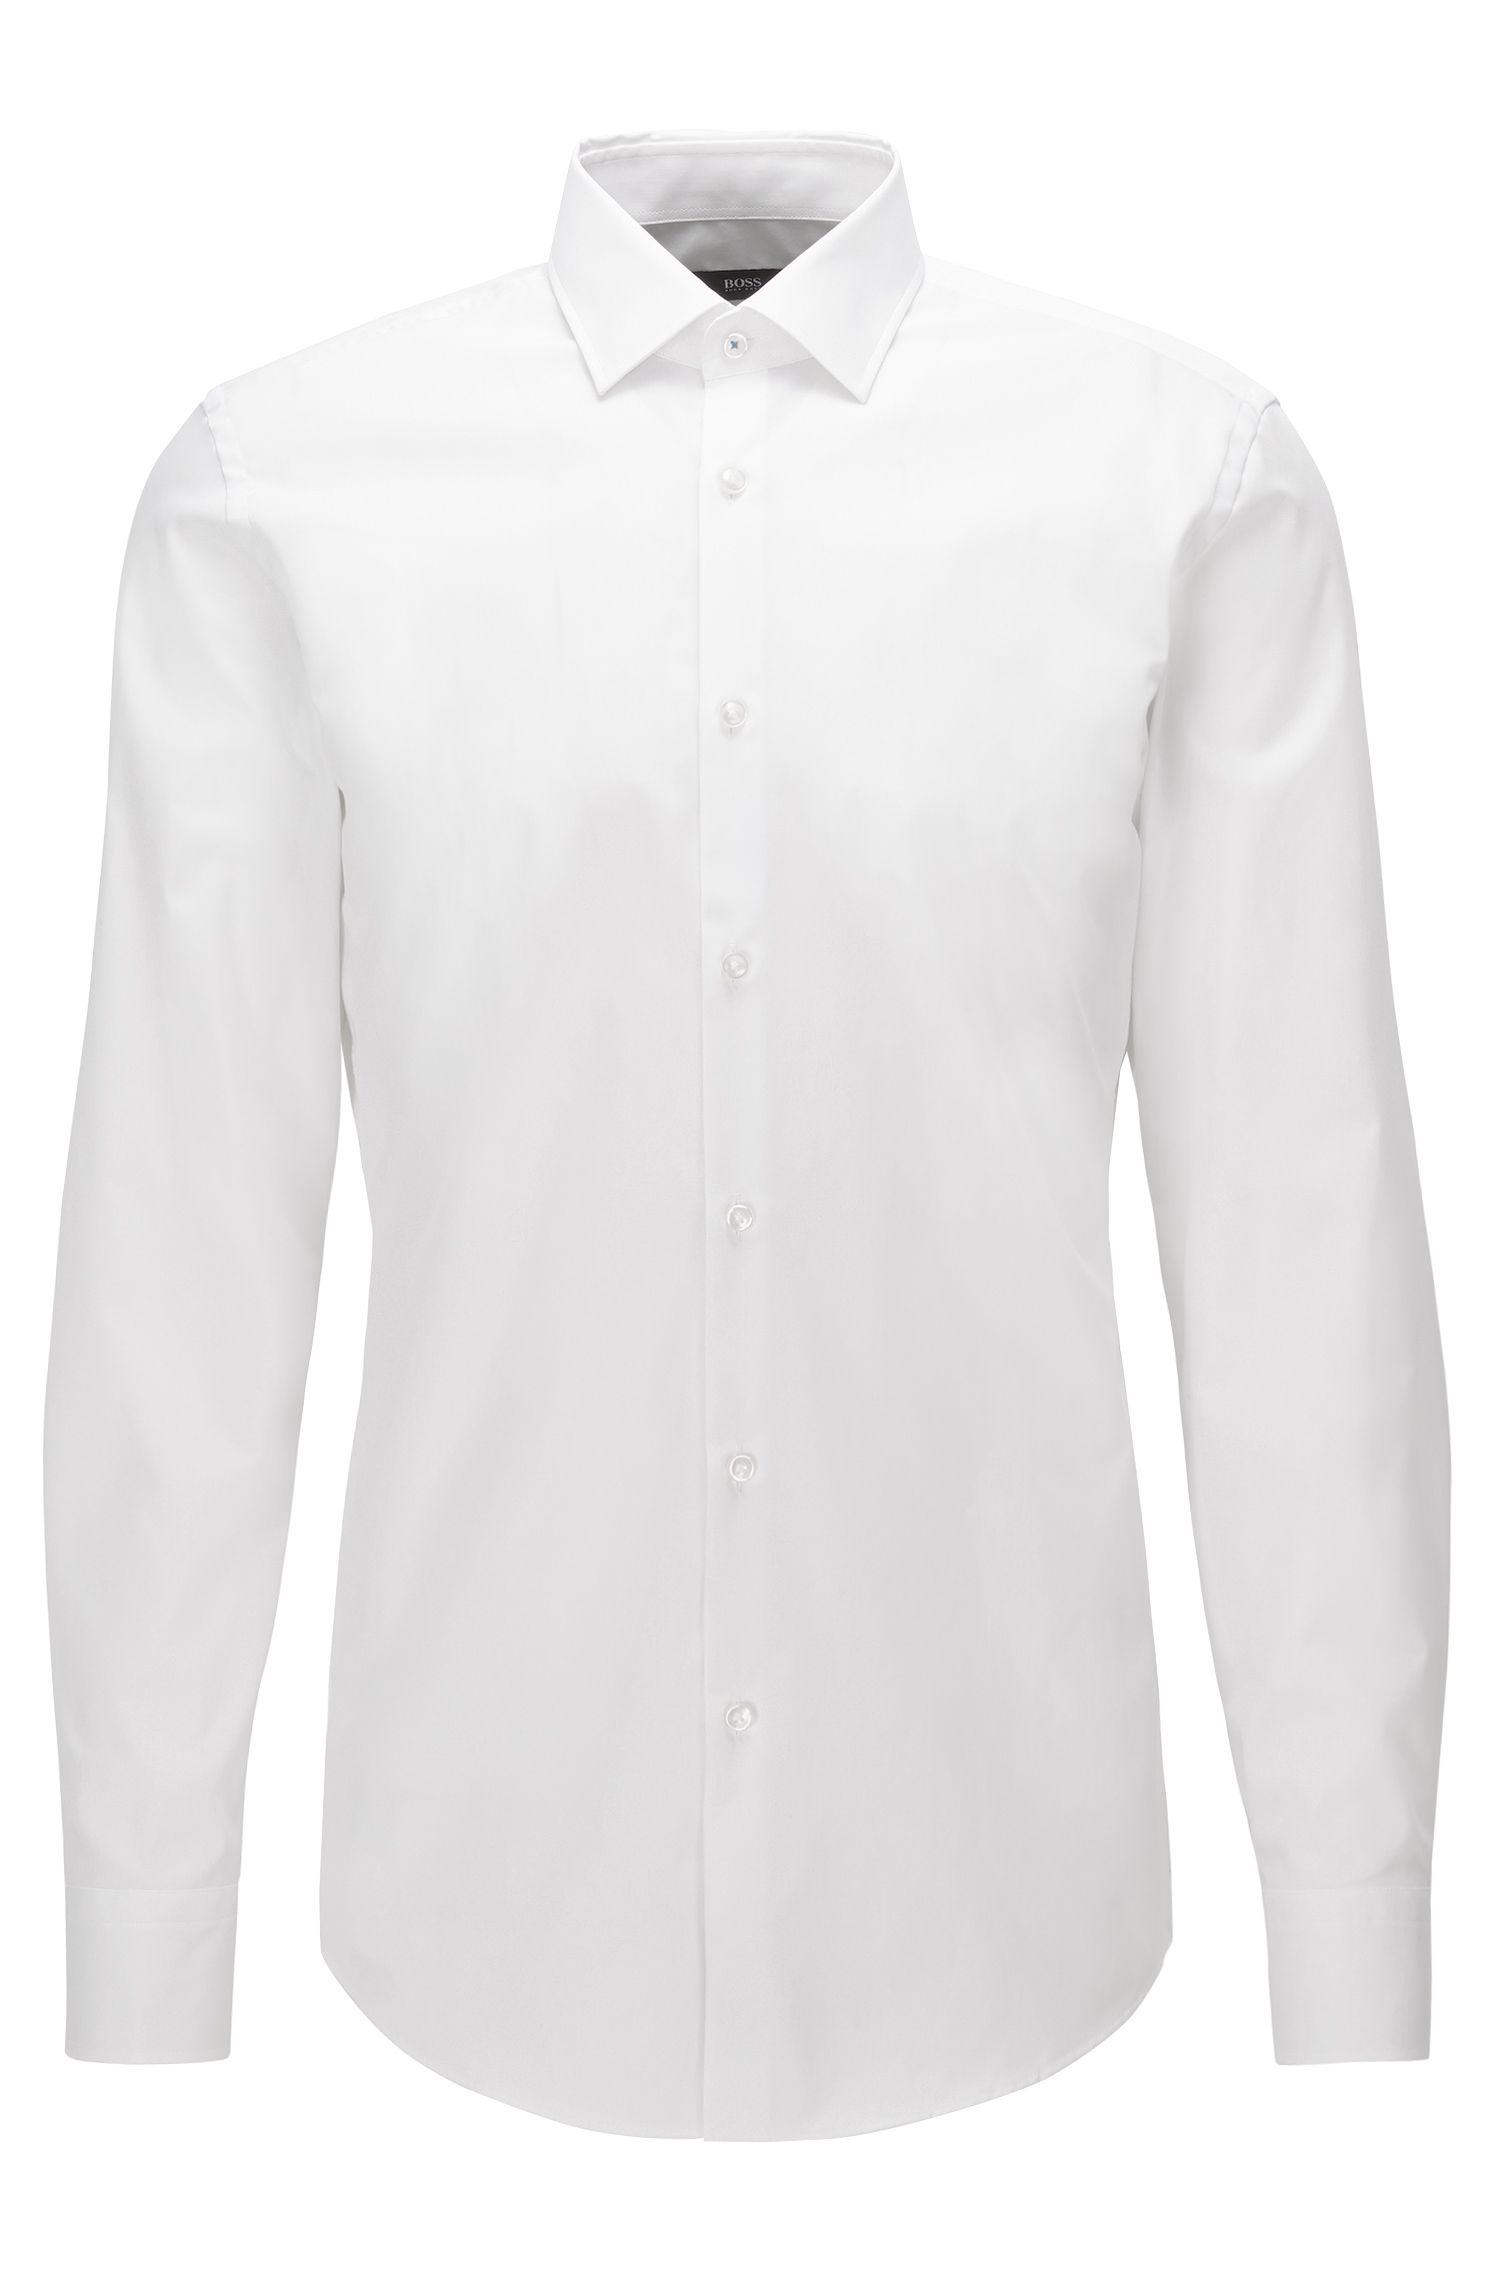 Camicia slim fit in cotone facile da stirare